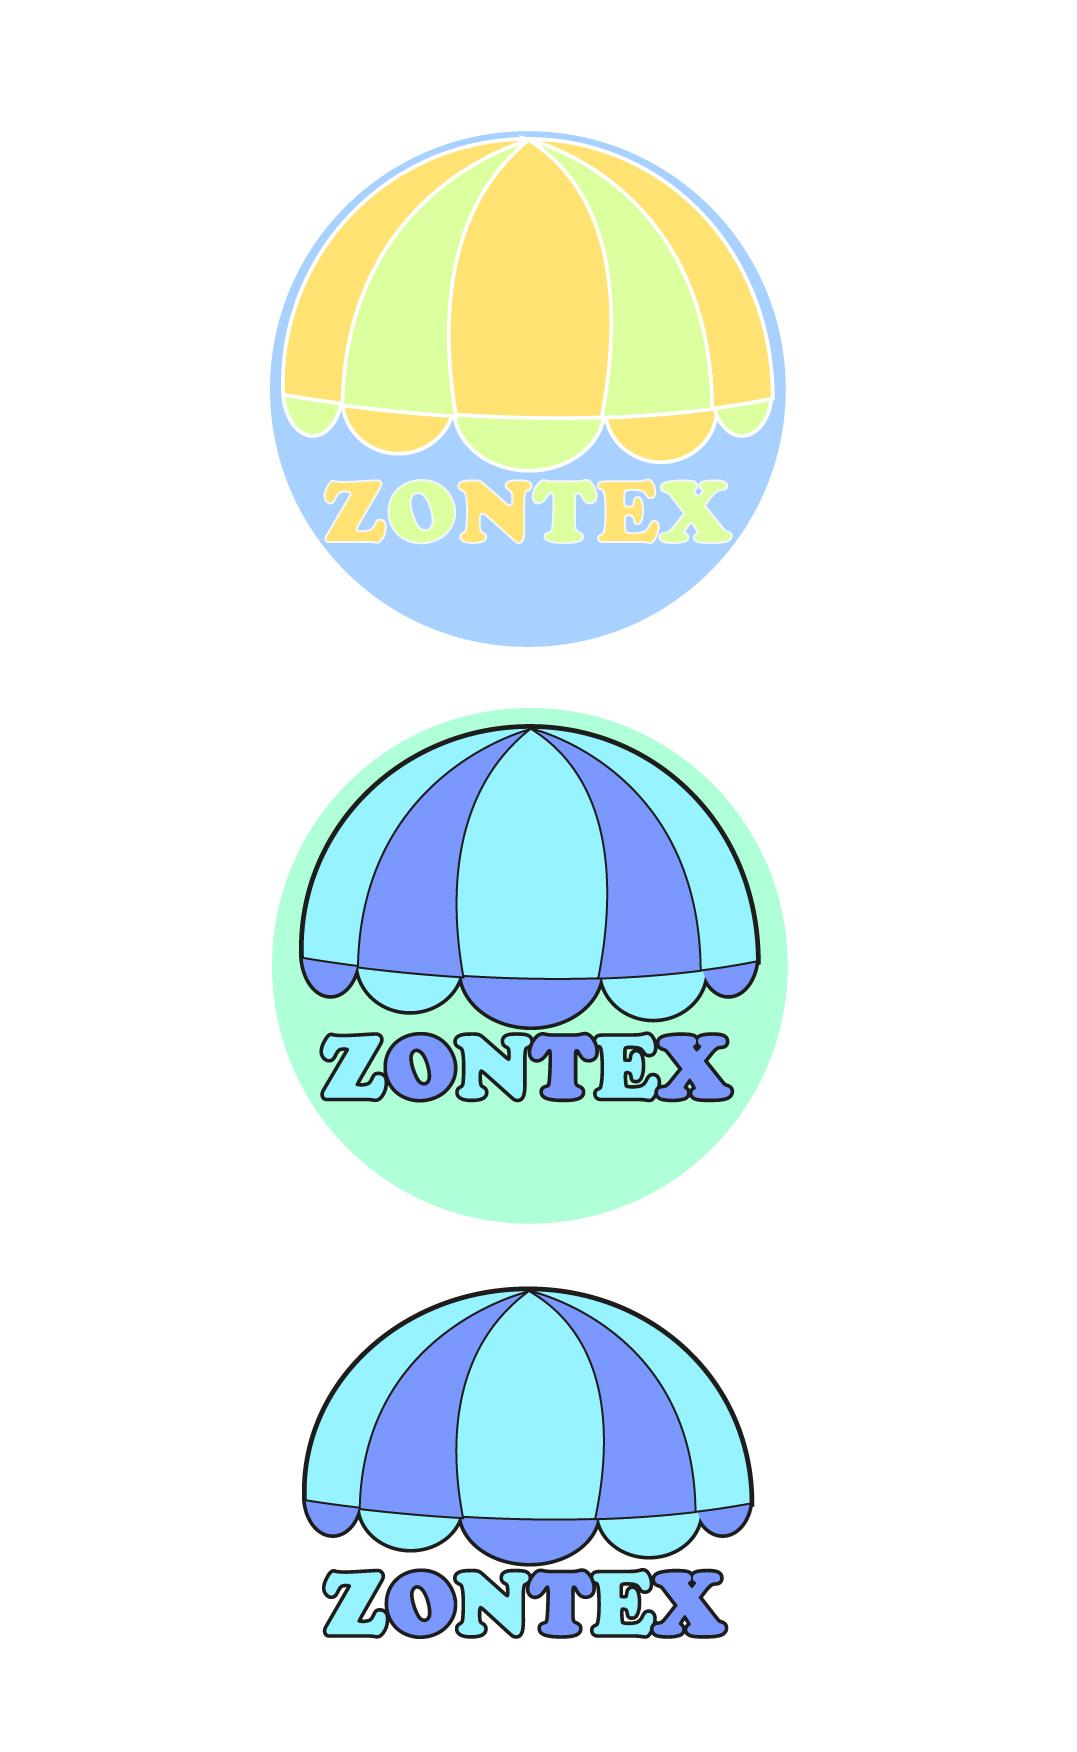 Логотип для интернет проекта фото f_4605a292176ce7b9.jpg